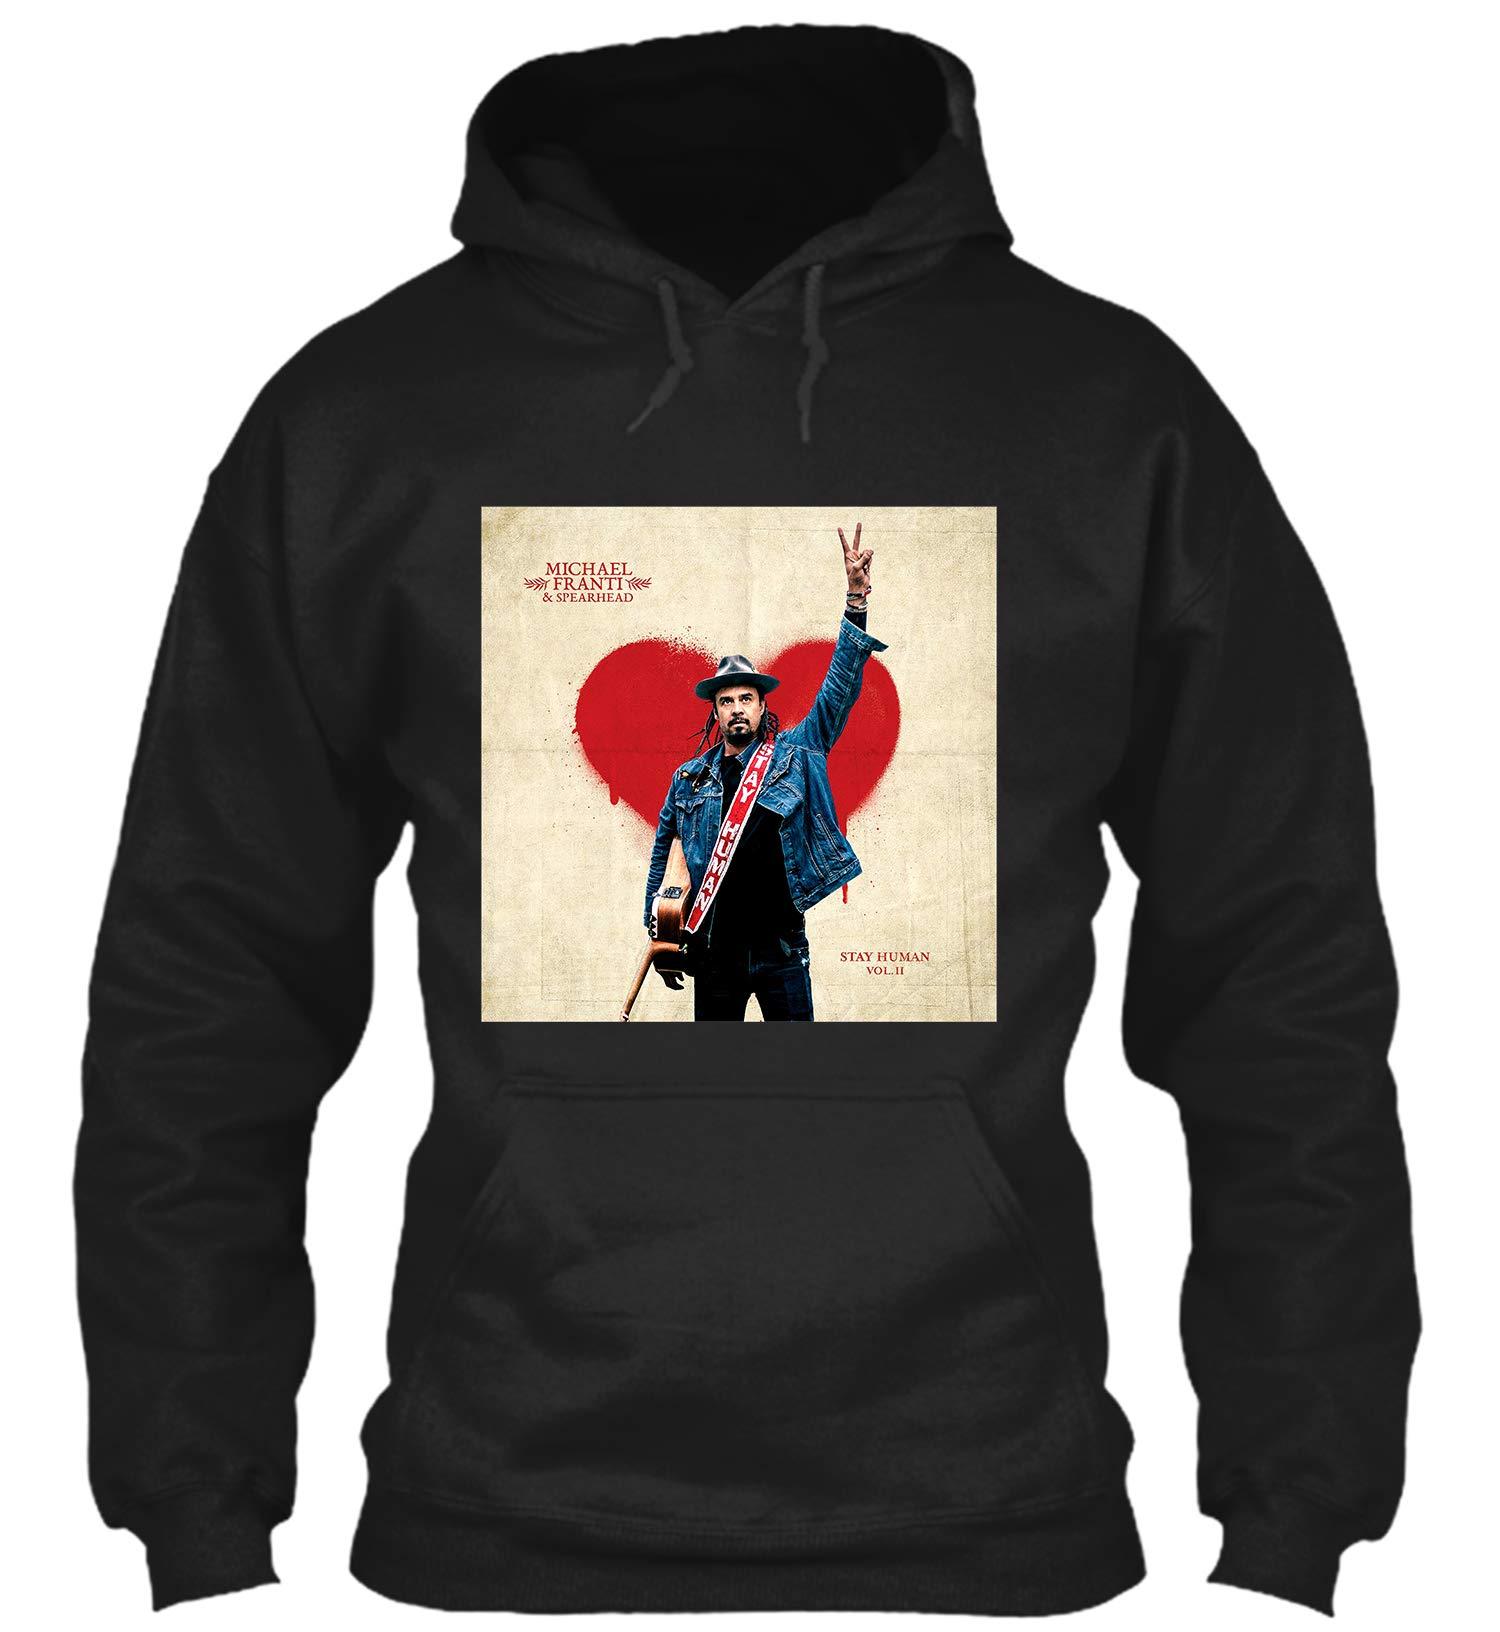 Stay Human Vol Ii Michael Franti Spearhead Black For Woman Shirts